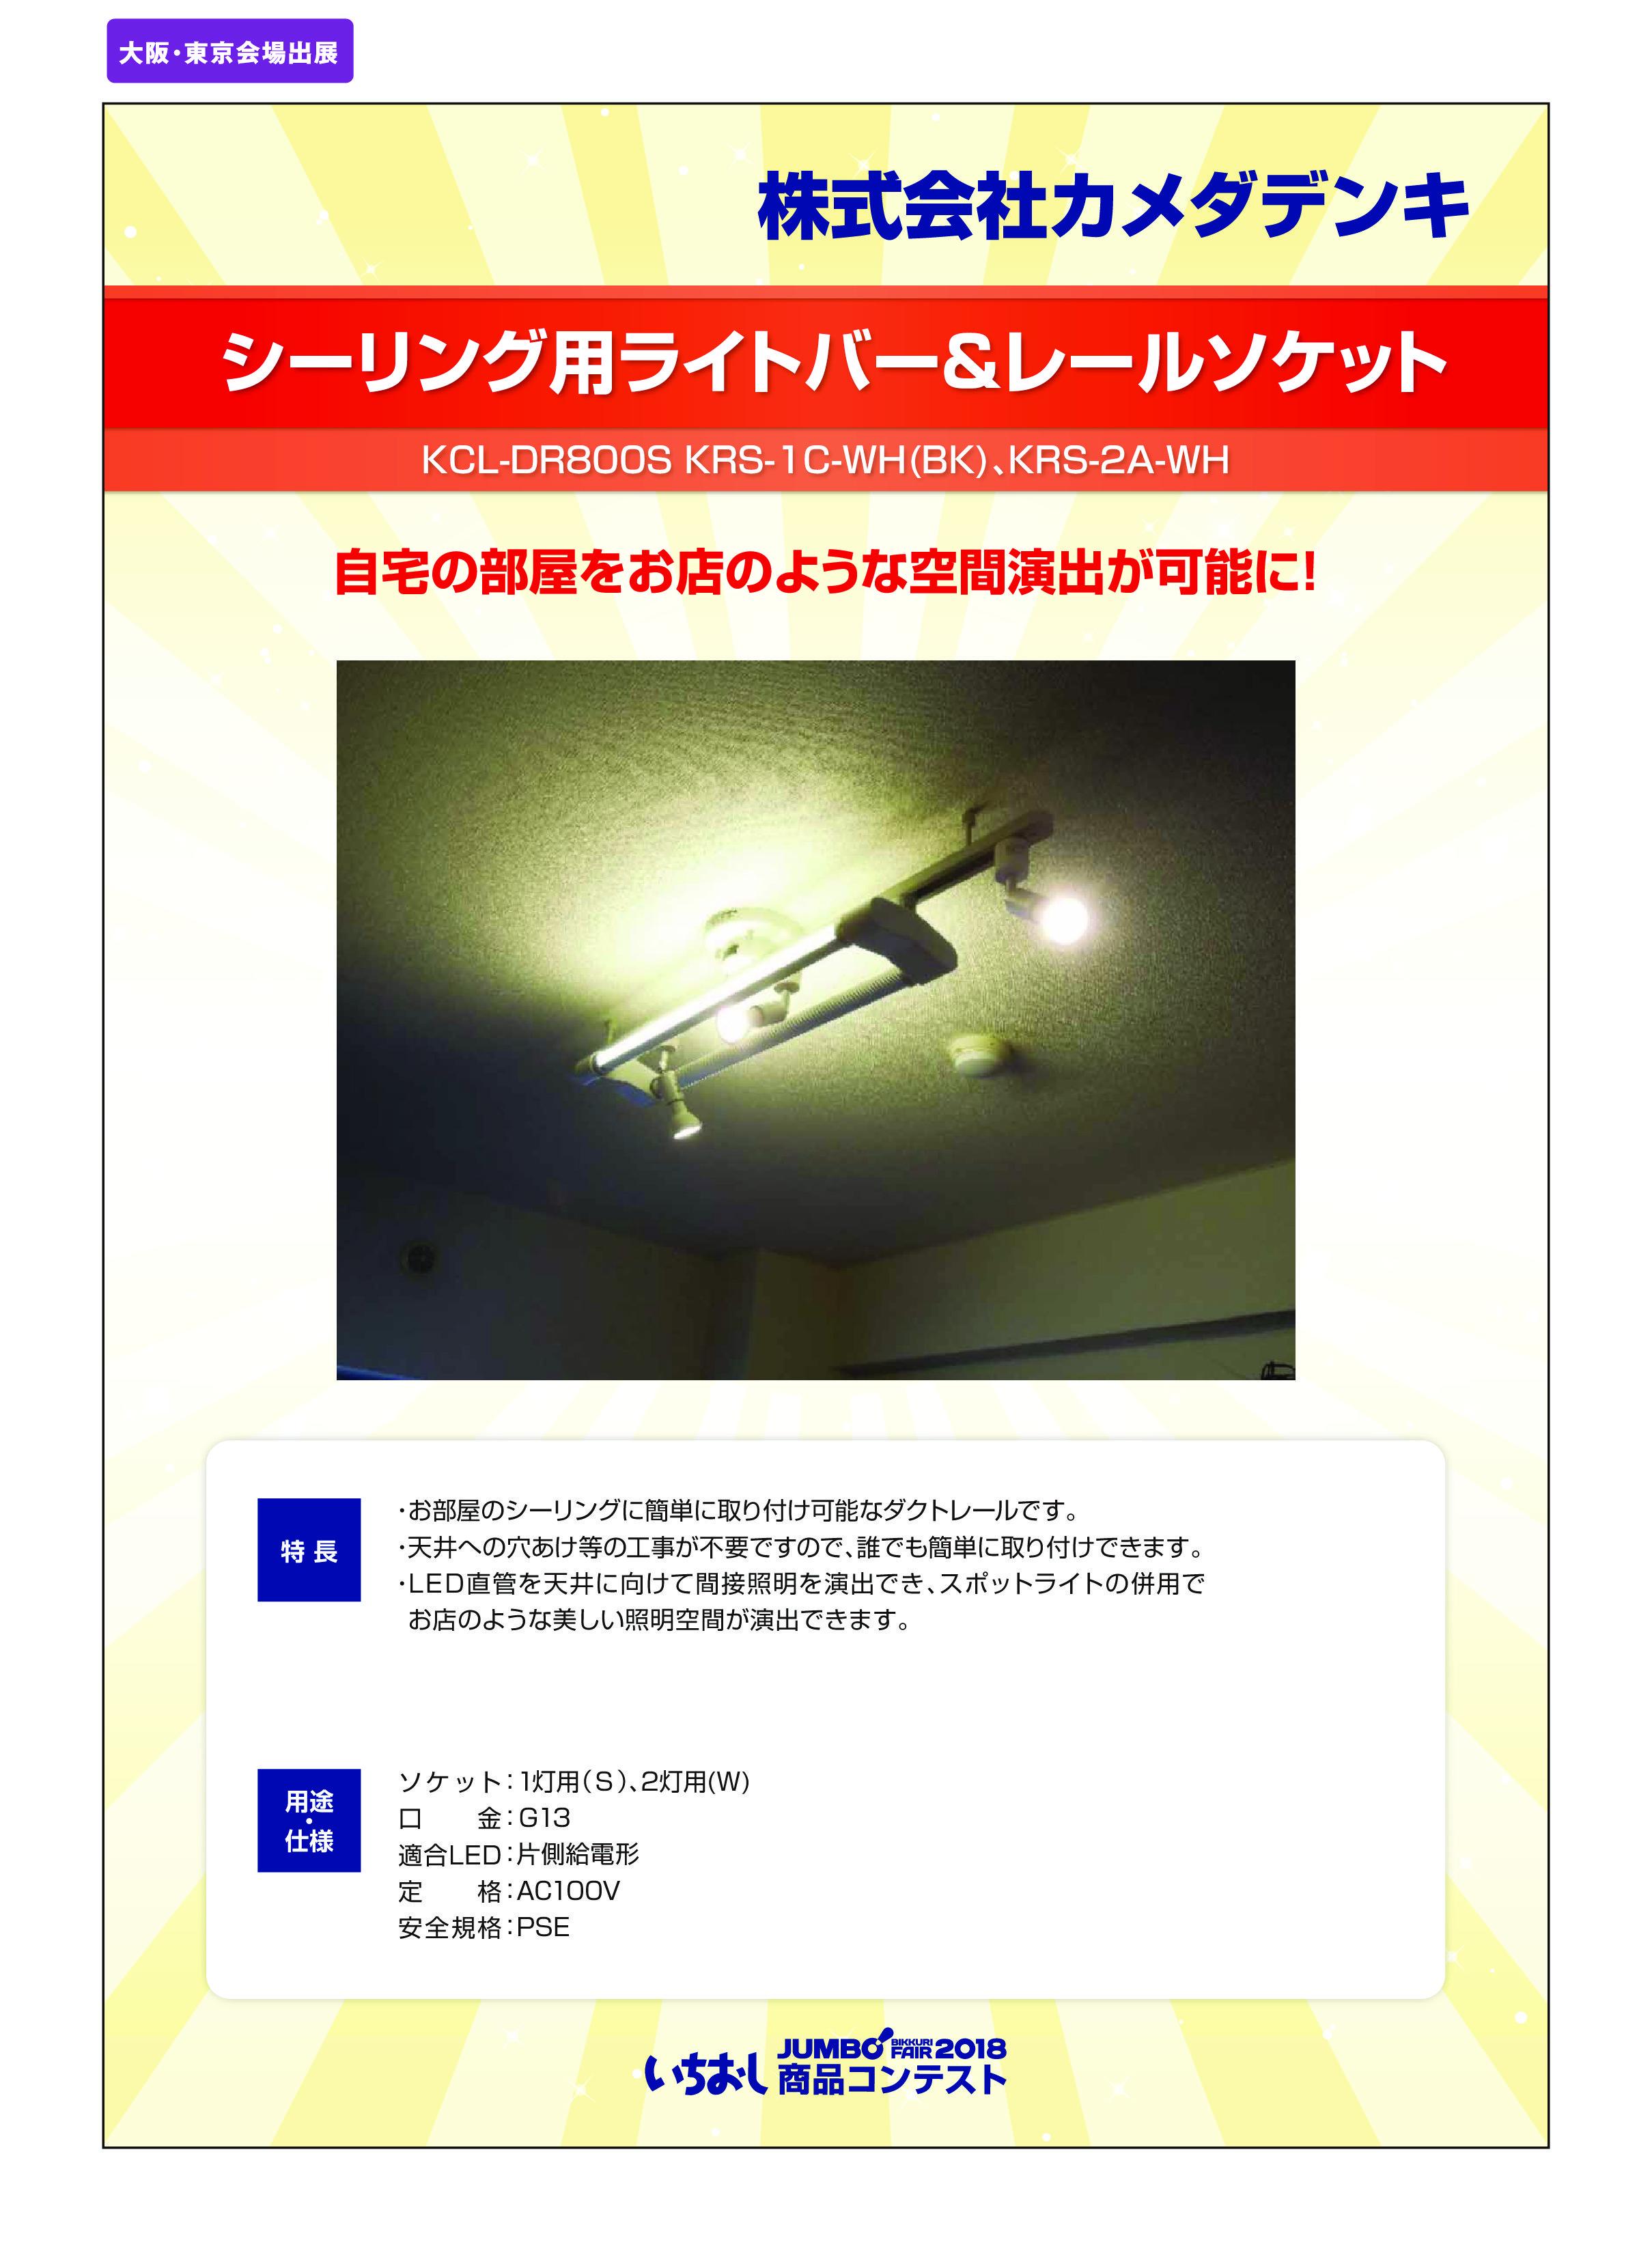 「シーリング用ライトバー&レールソケット」株式会社カメダデンキの画像